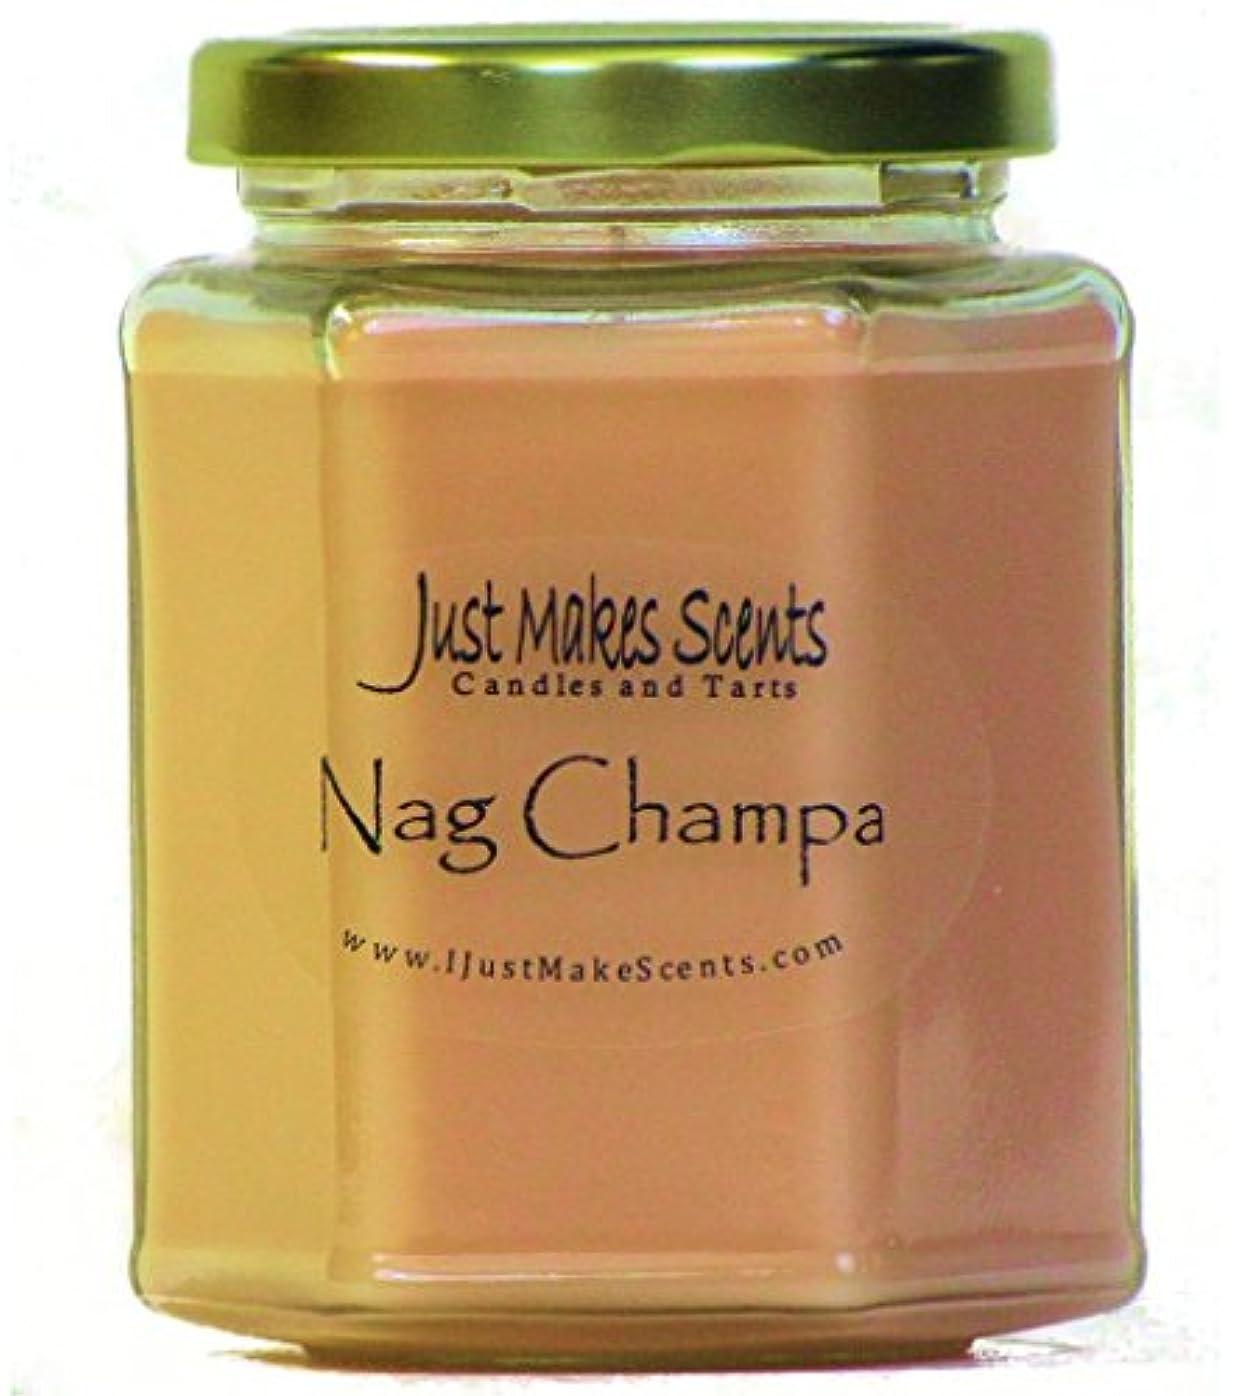 公式ローラー遺体安置所Nag Champa香りつきBlended Soy Candle by Just Makes Scents